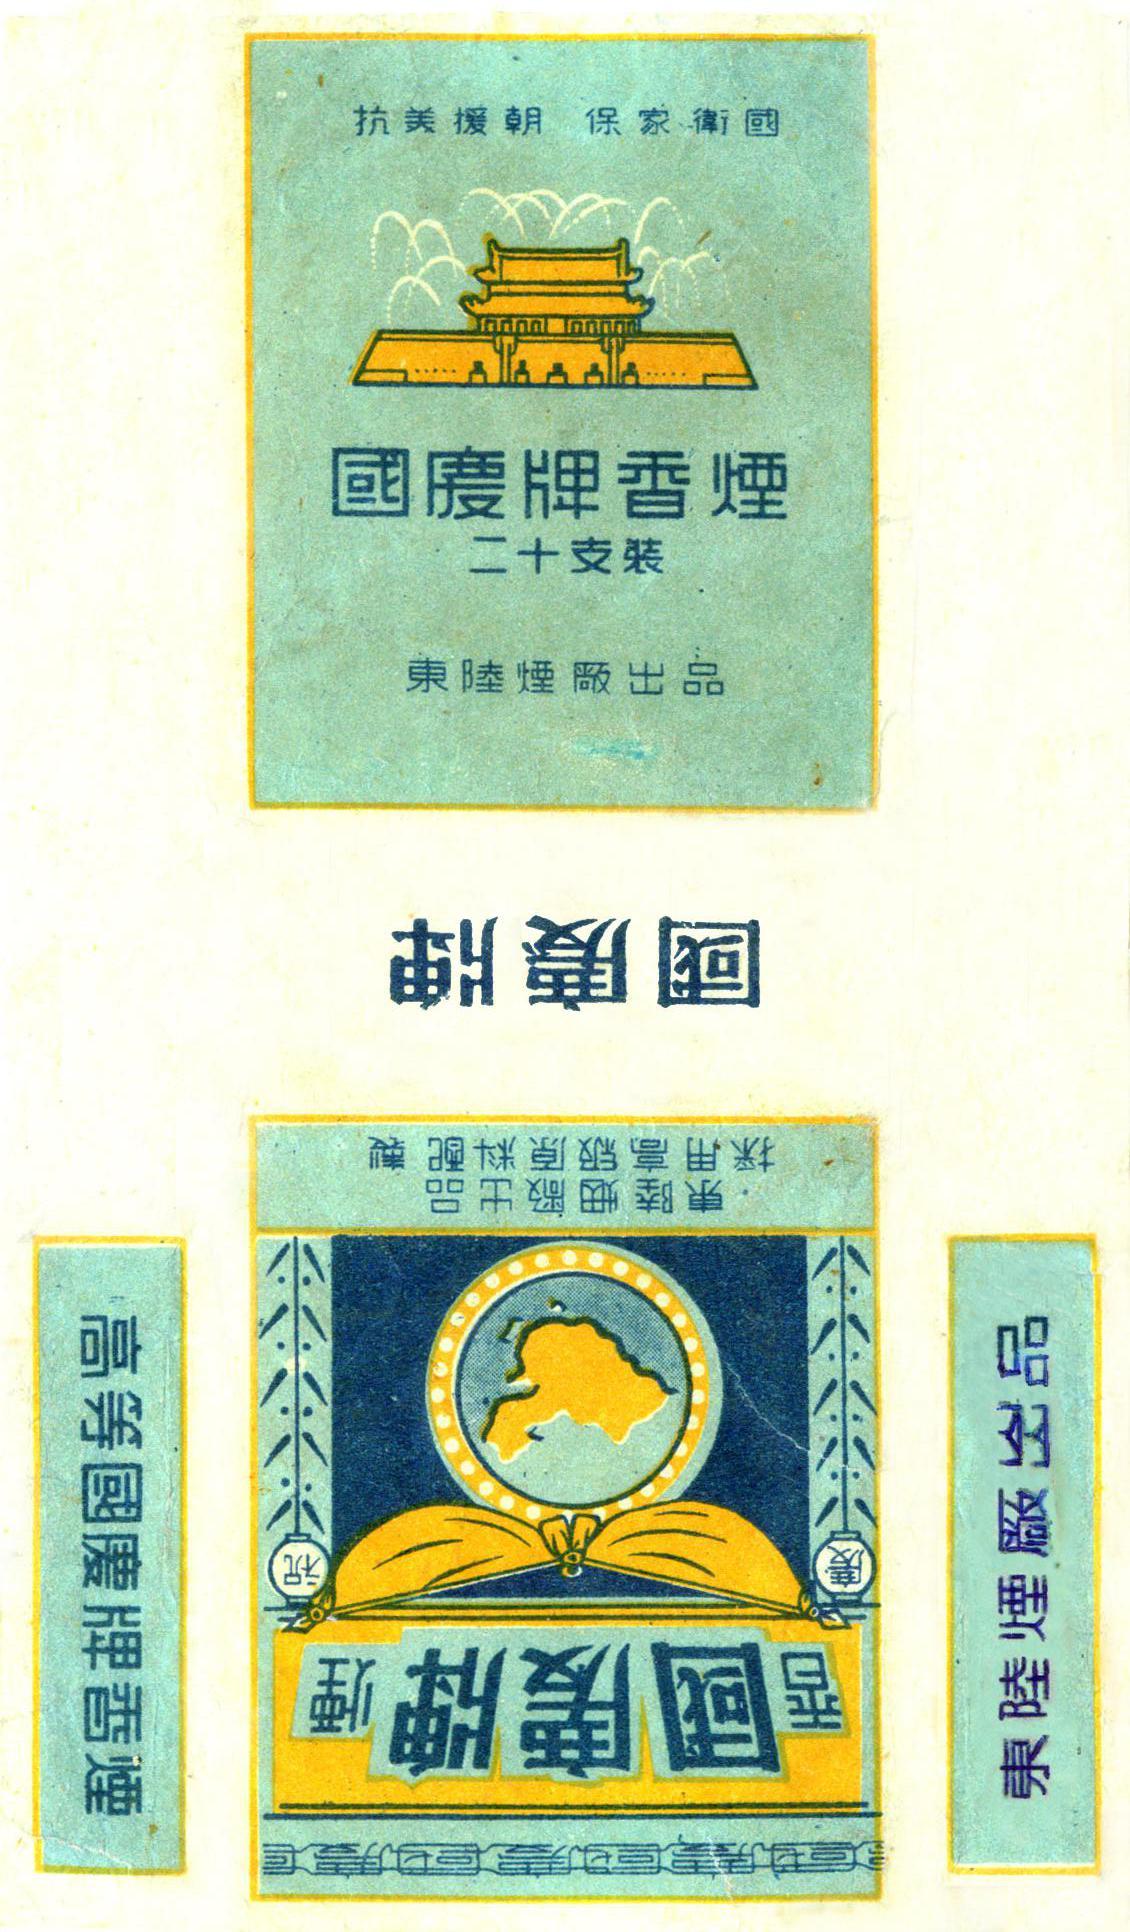 国庆 (3).jpg